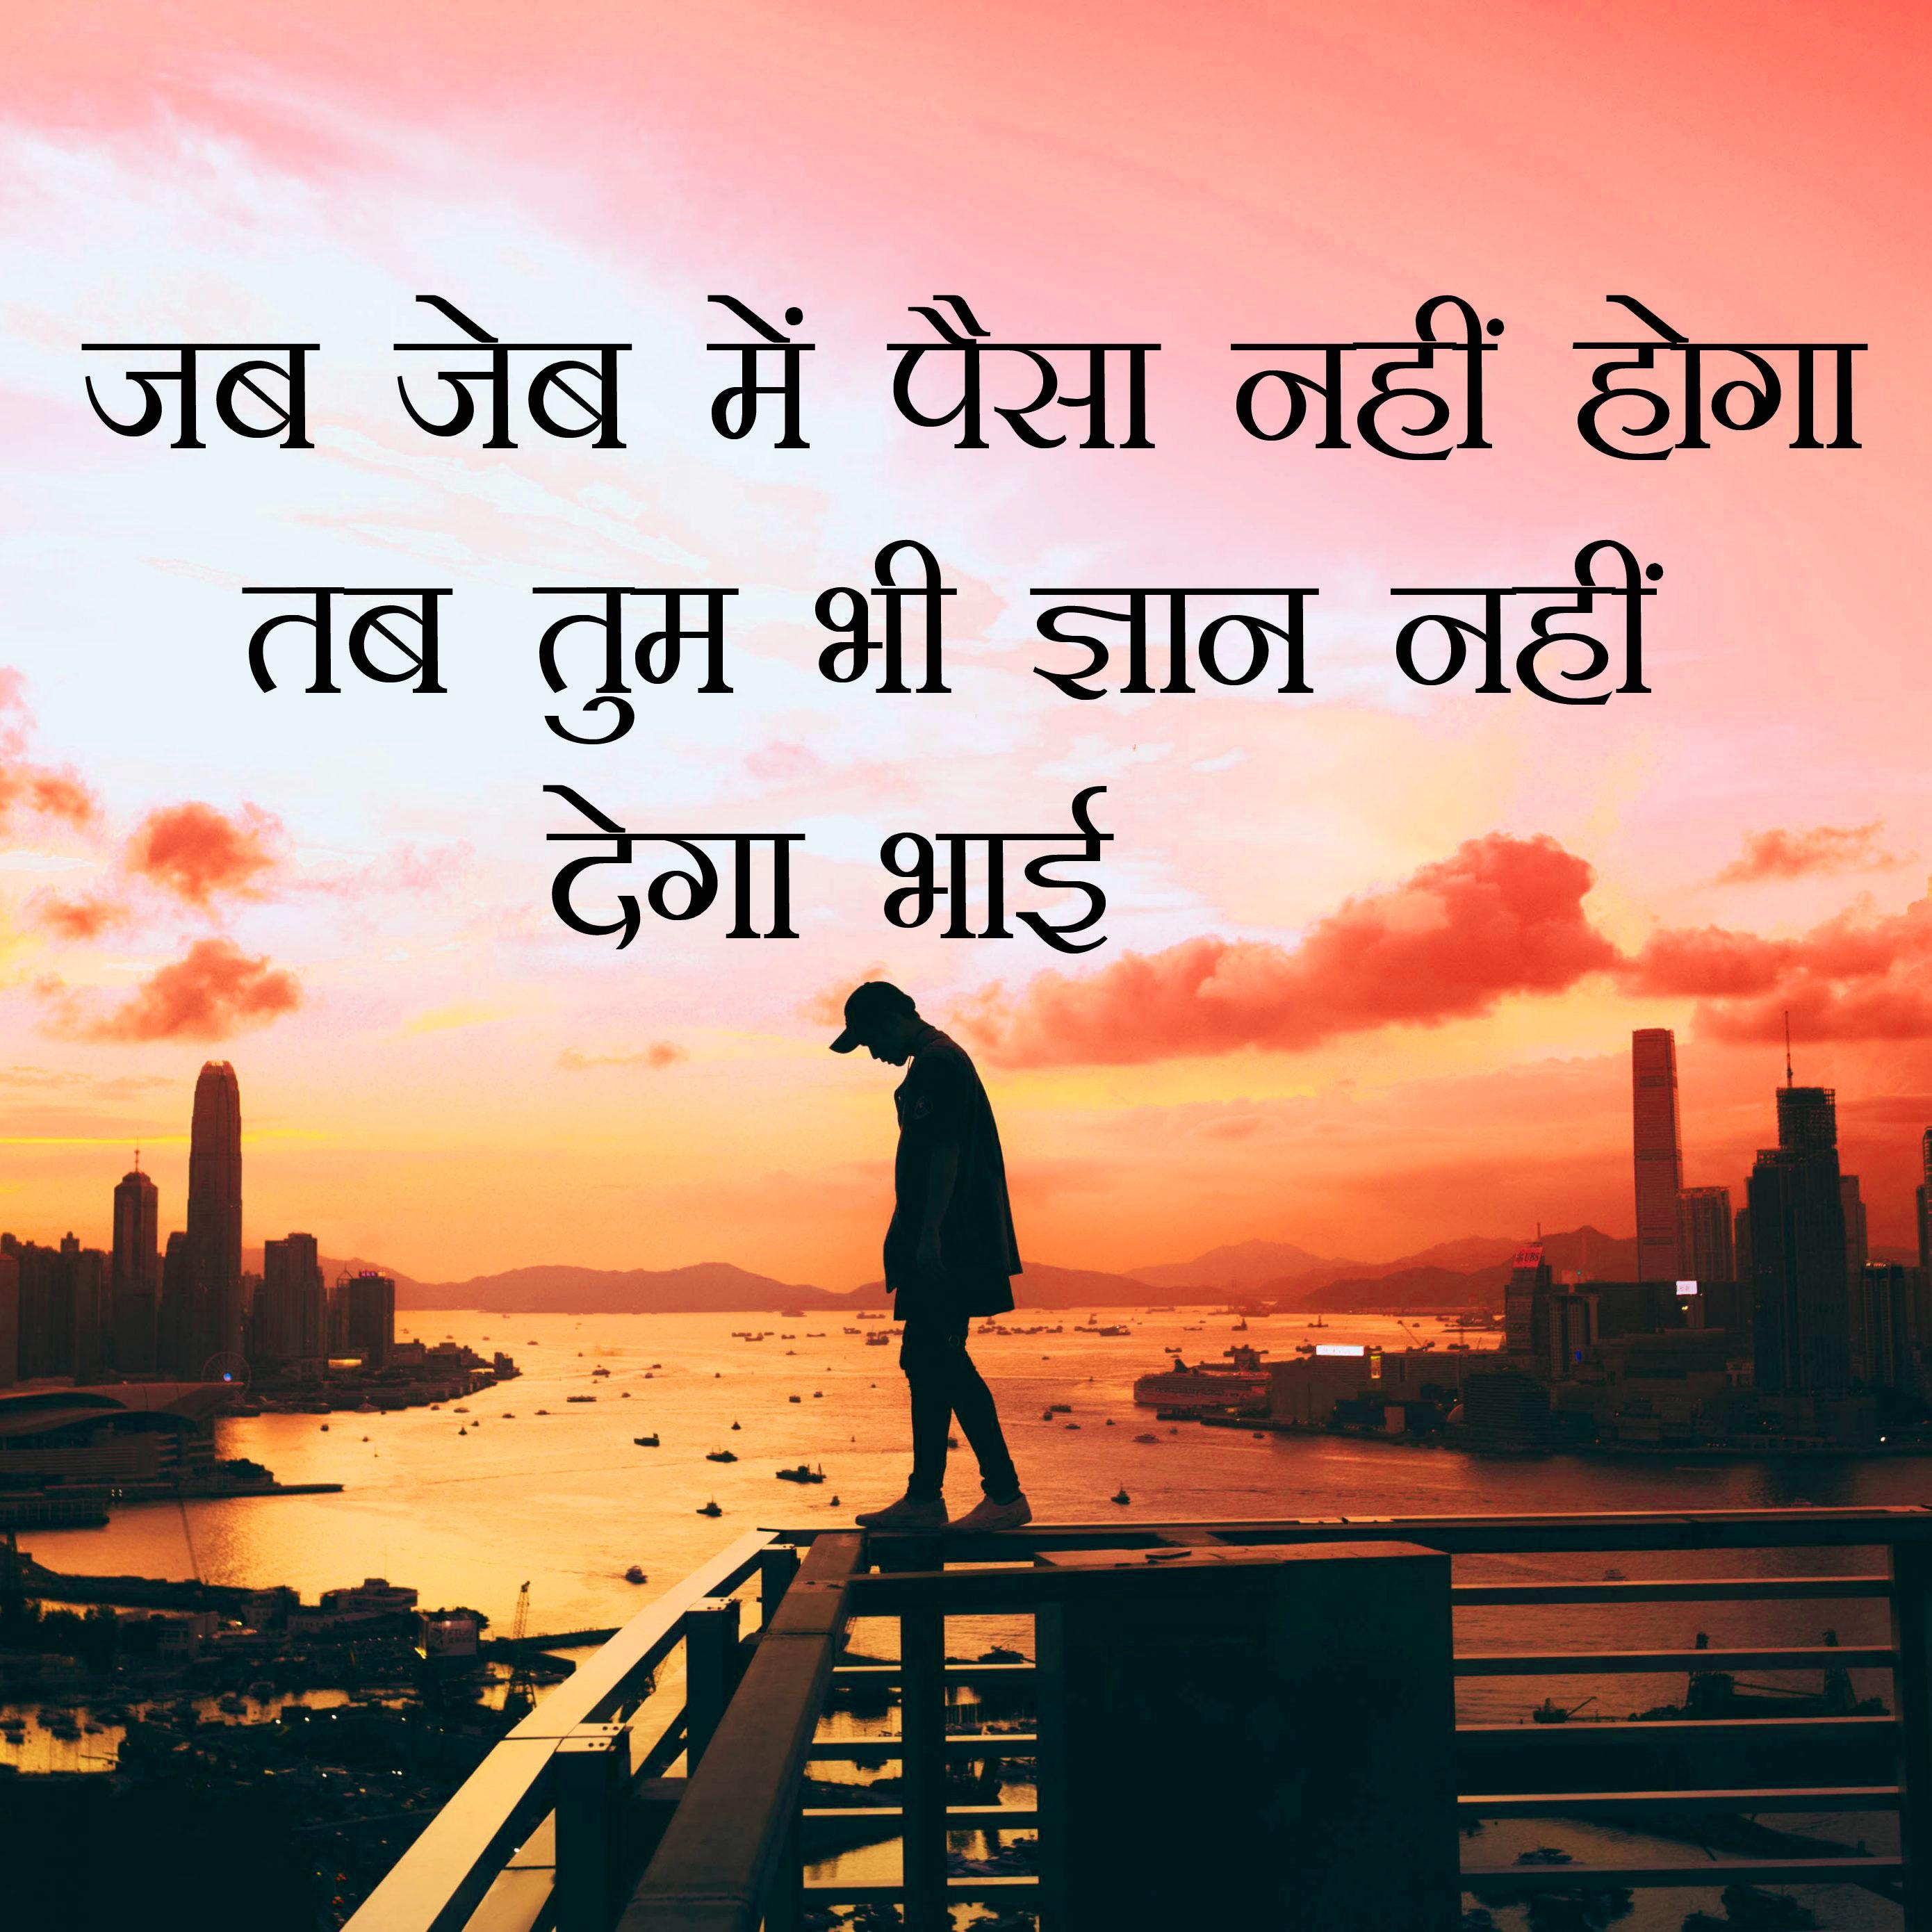 1284+ Hindi Attitude Images Pics Photos HD Free Download